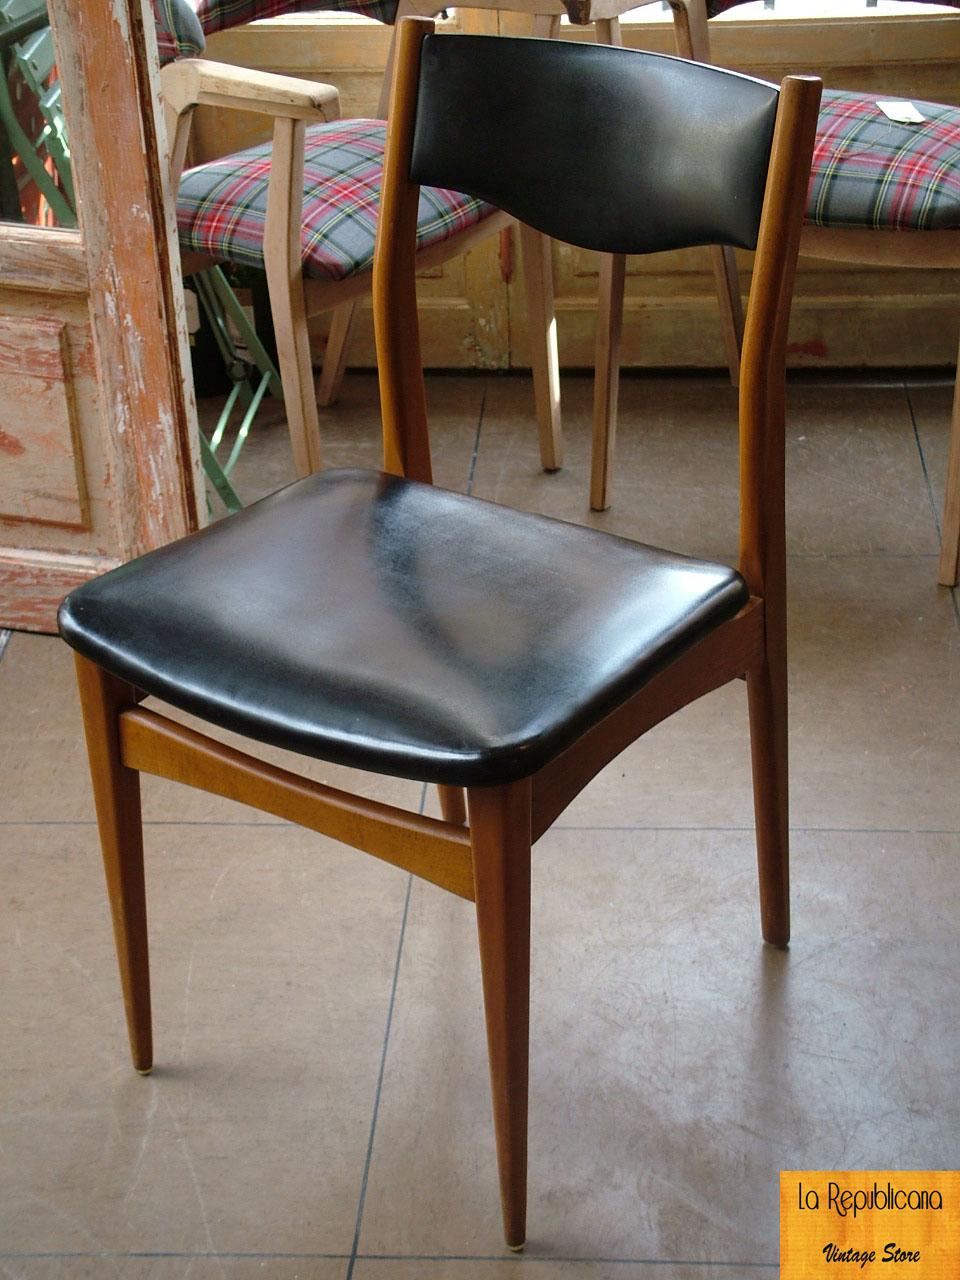 Precio de tapizar una silla trendy las sillas por lo general tienen un precio elevado y ya si - Cuanto cuesta tapizar una butaca ...